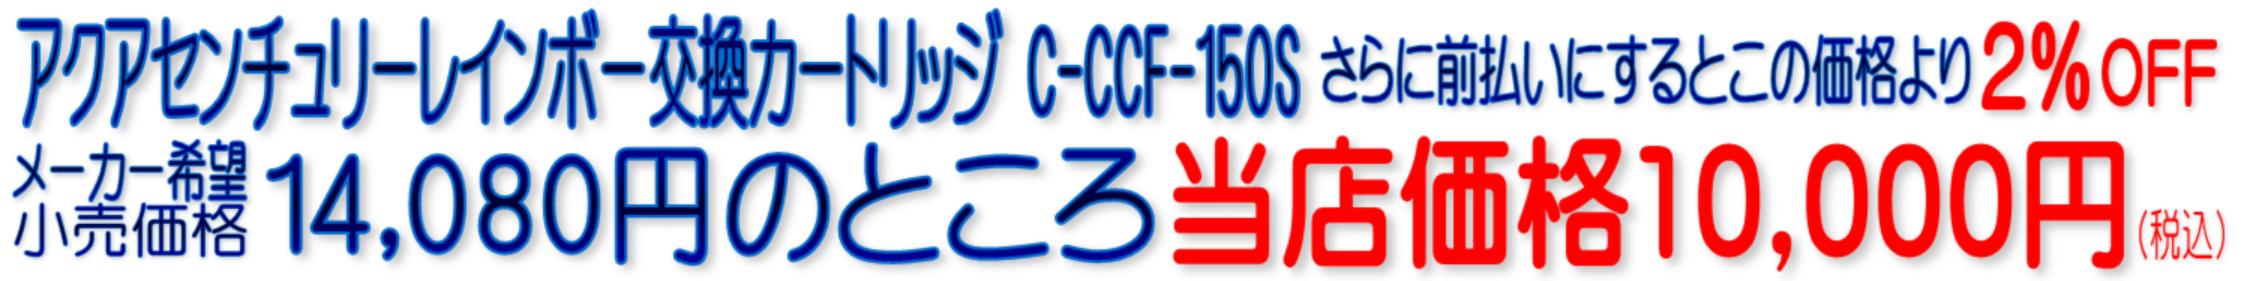 C-CCF-150S